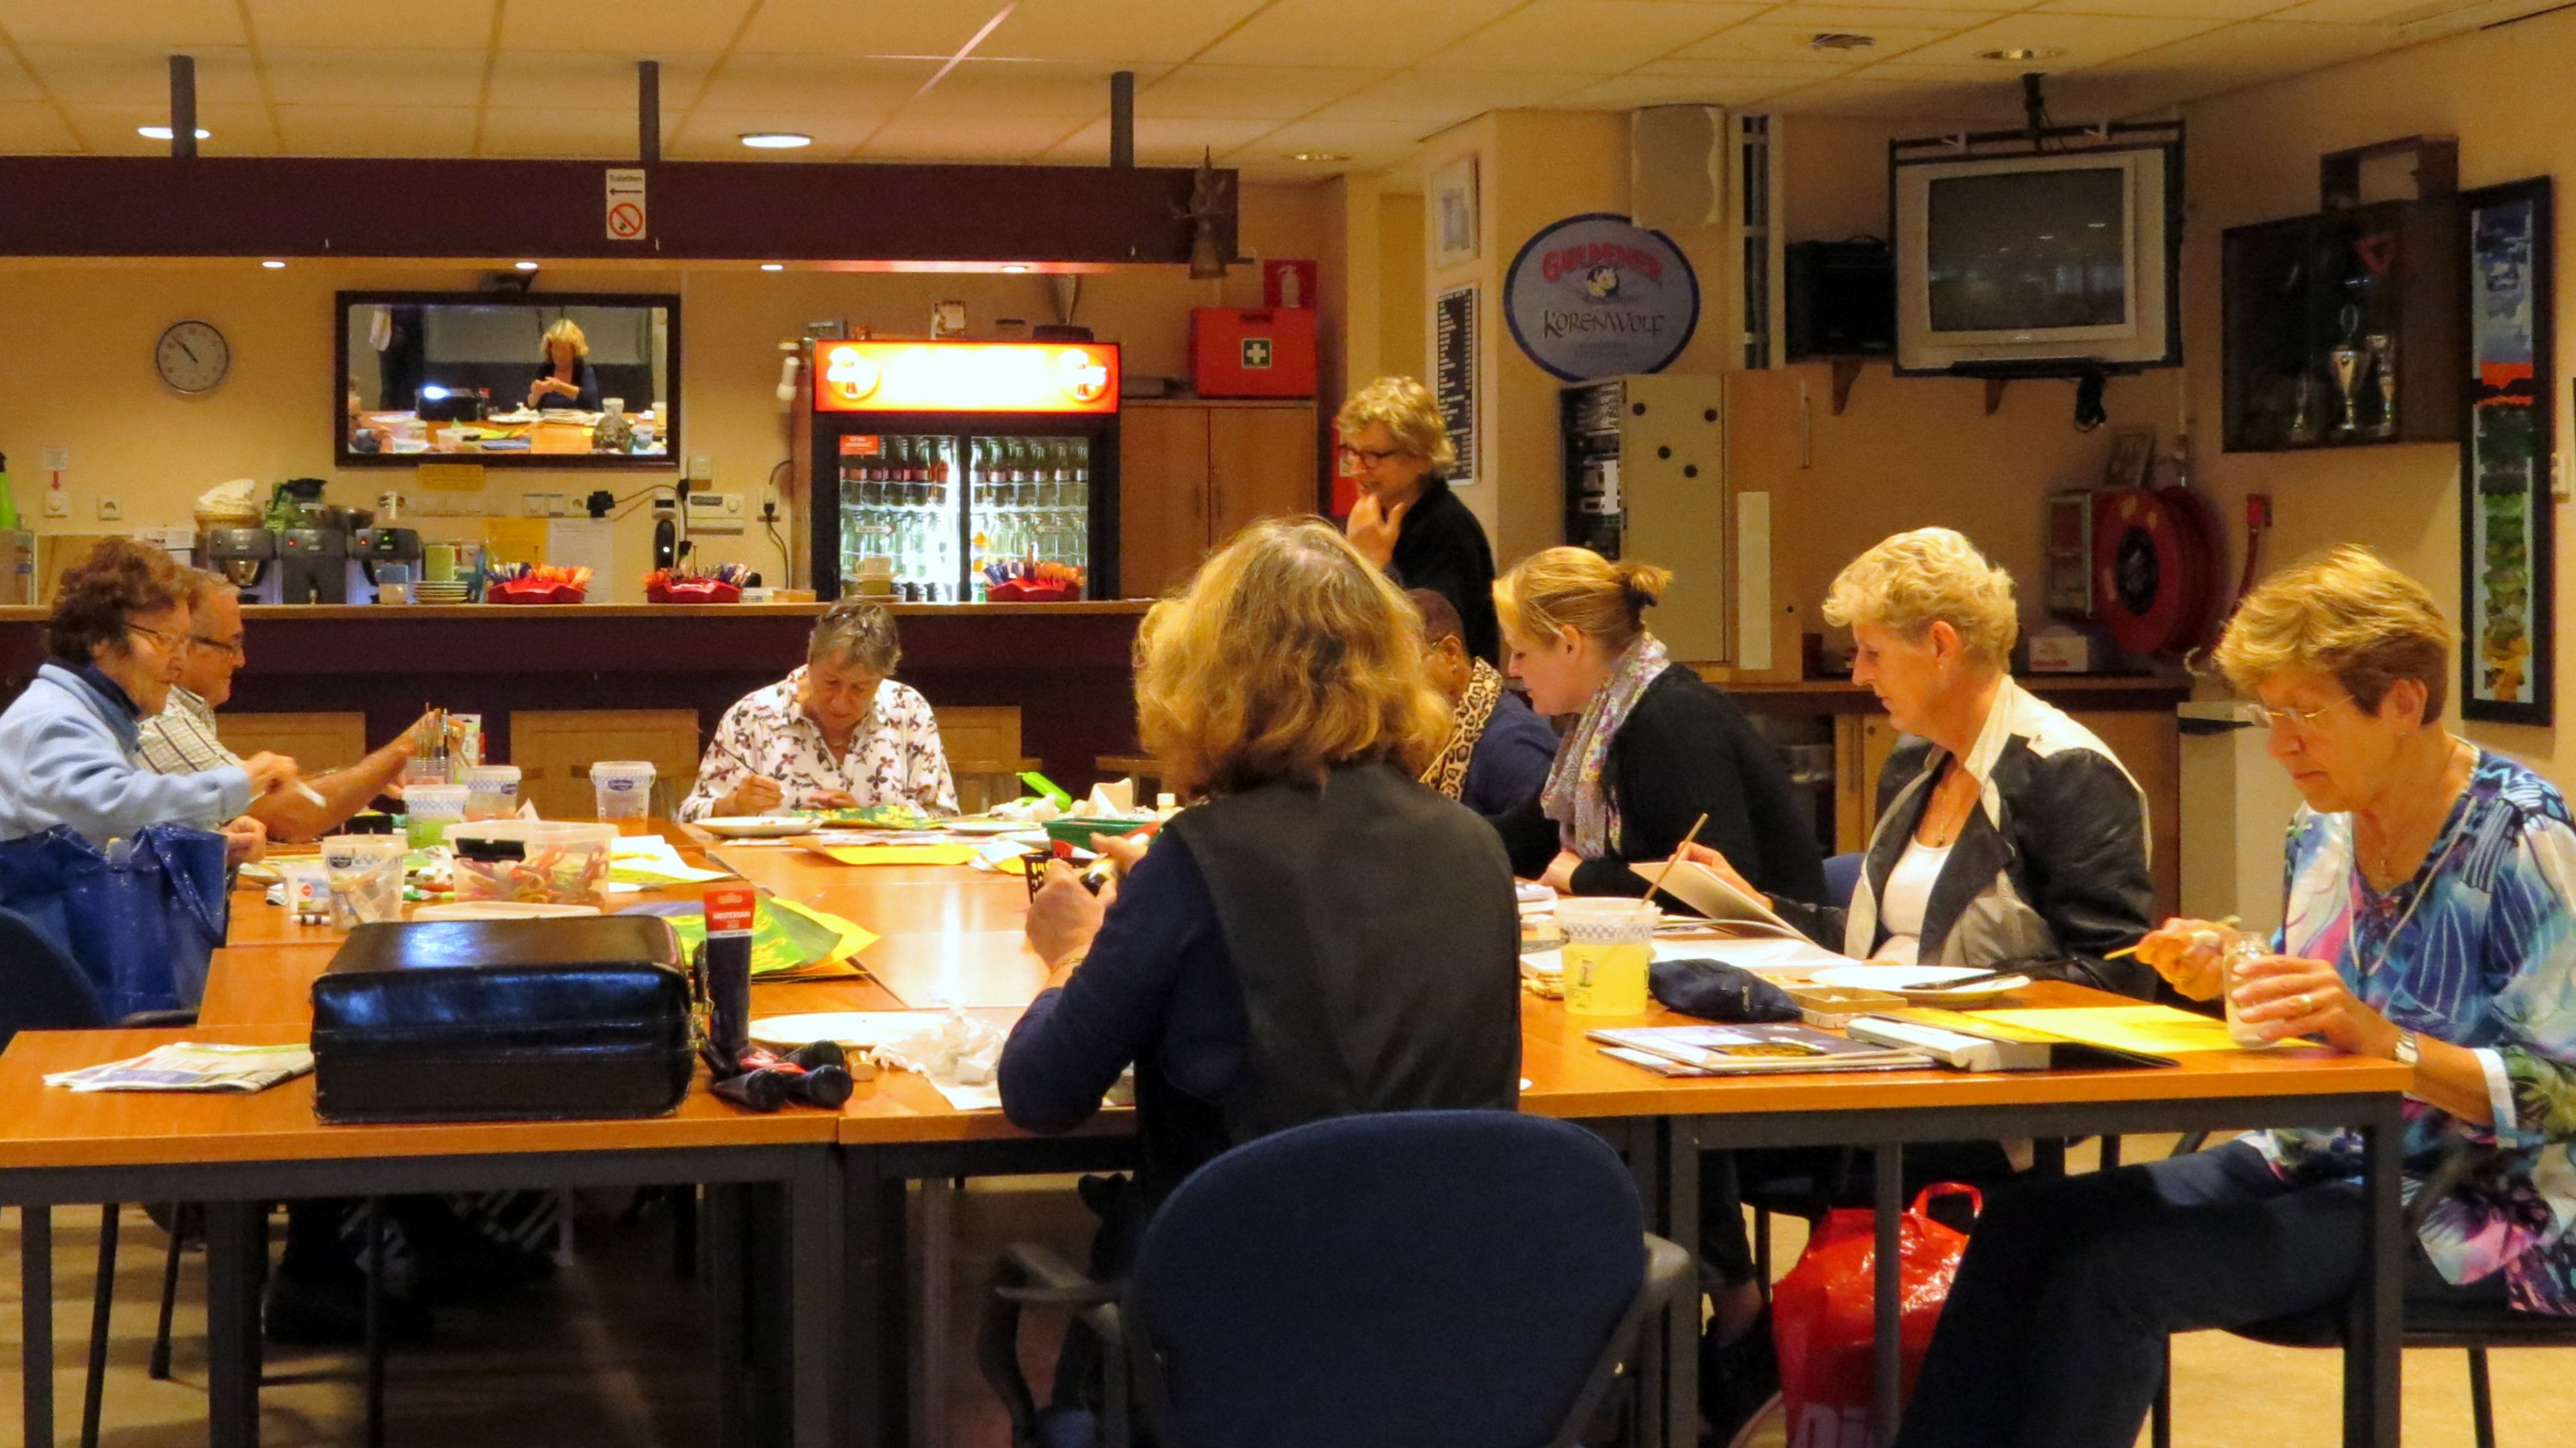 Tekenen&Schilderen 2013d0925t1053 qzh ZoetermeerS Gaardedreef (Patio)